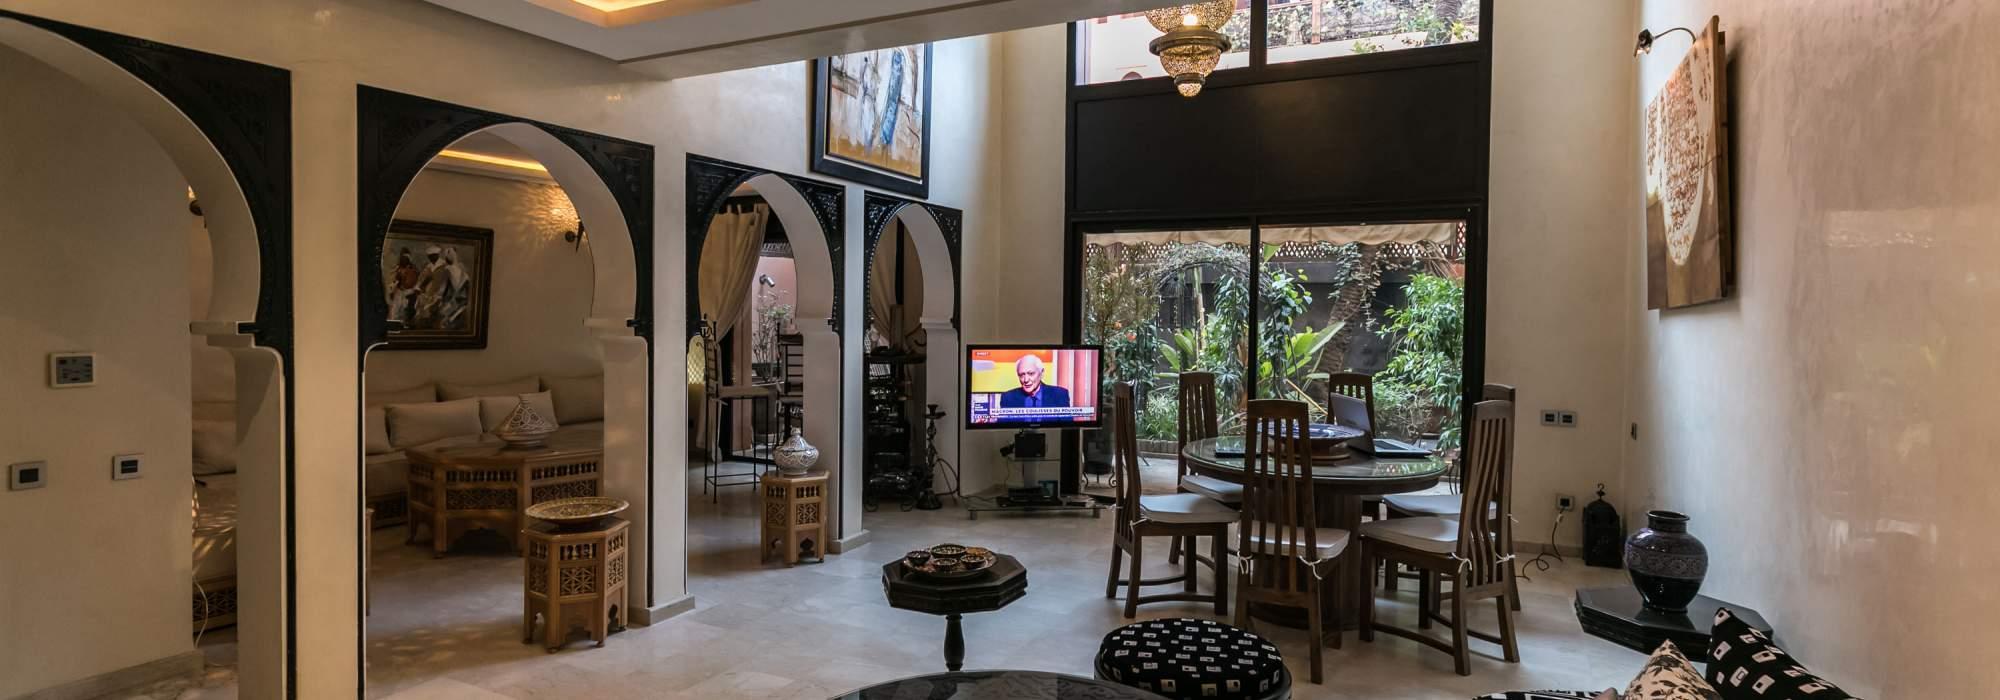 Appartement en duplex de prestige a vendre centre ville marrakech